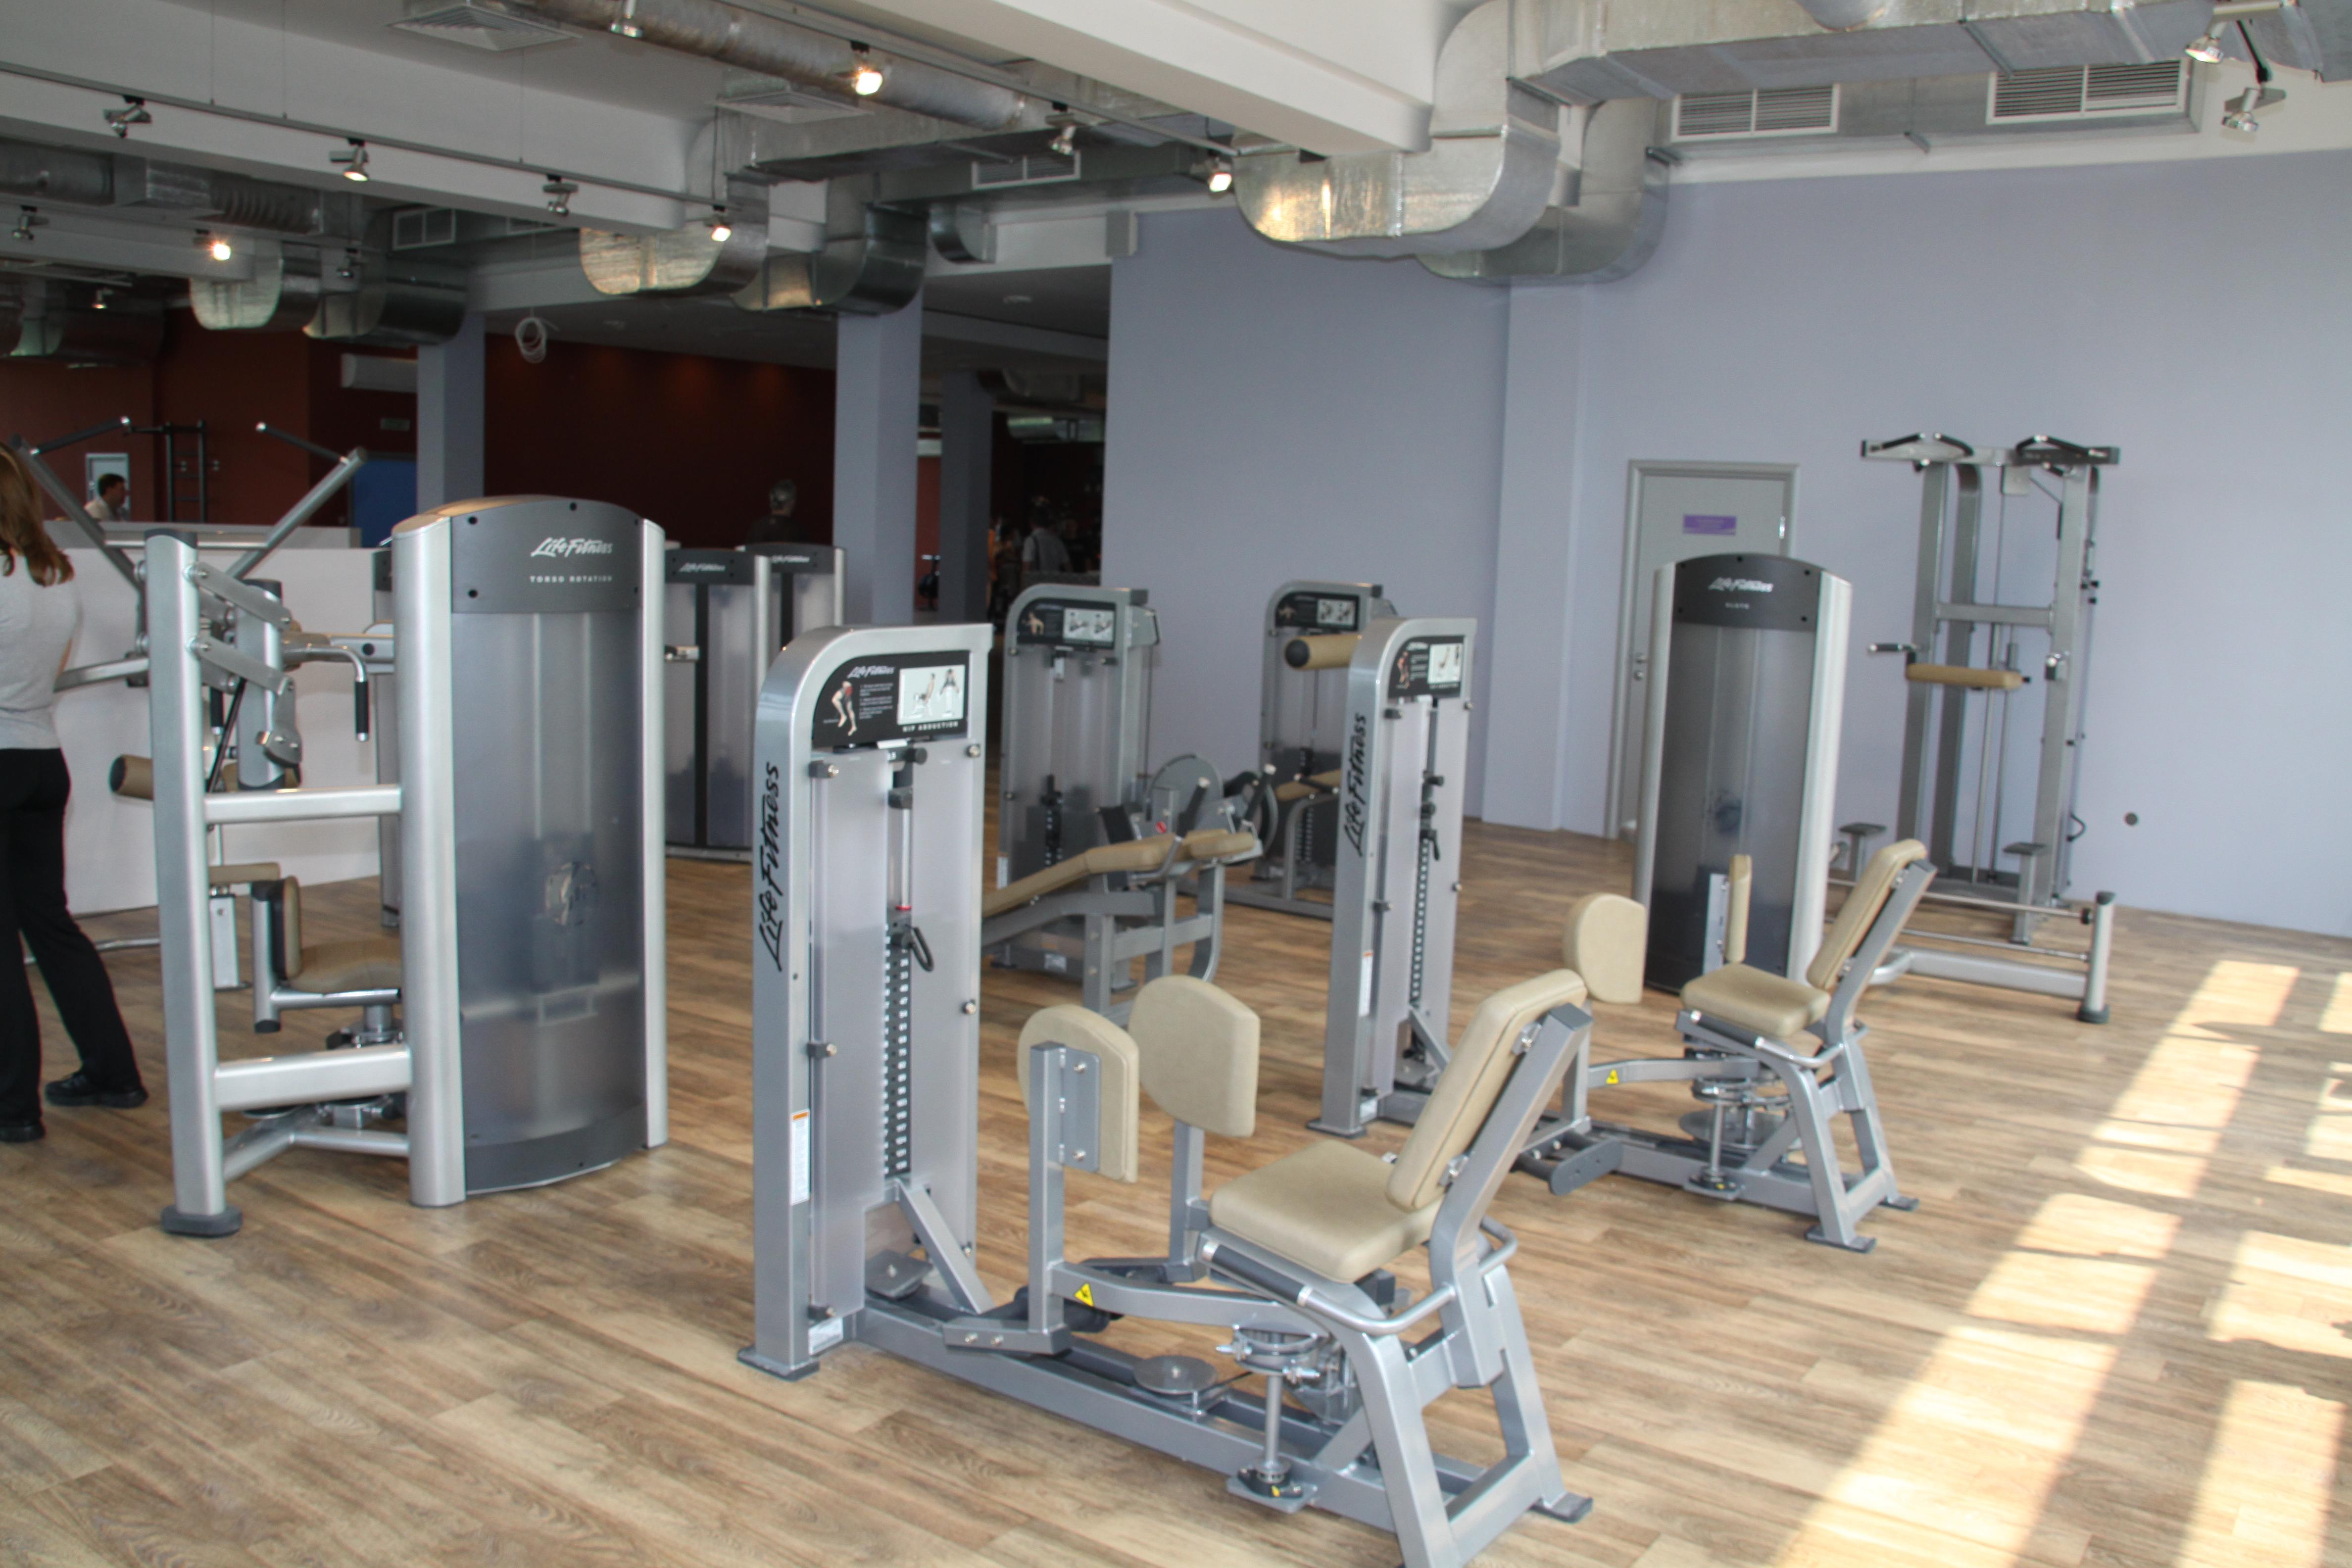 Много разных тренажеров на все группы мышц. Причем на одни и те же группы мышц есть тренажеры разных видов.